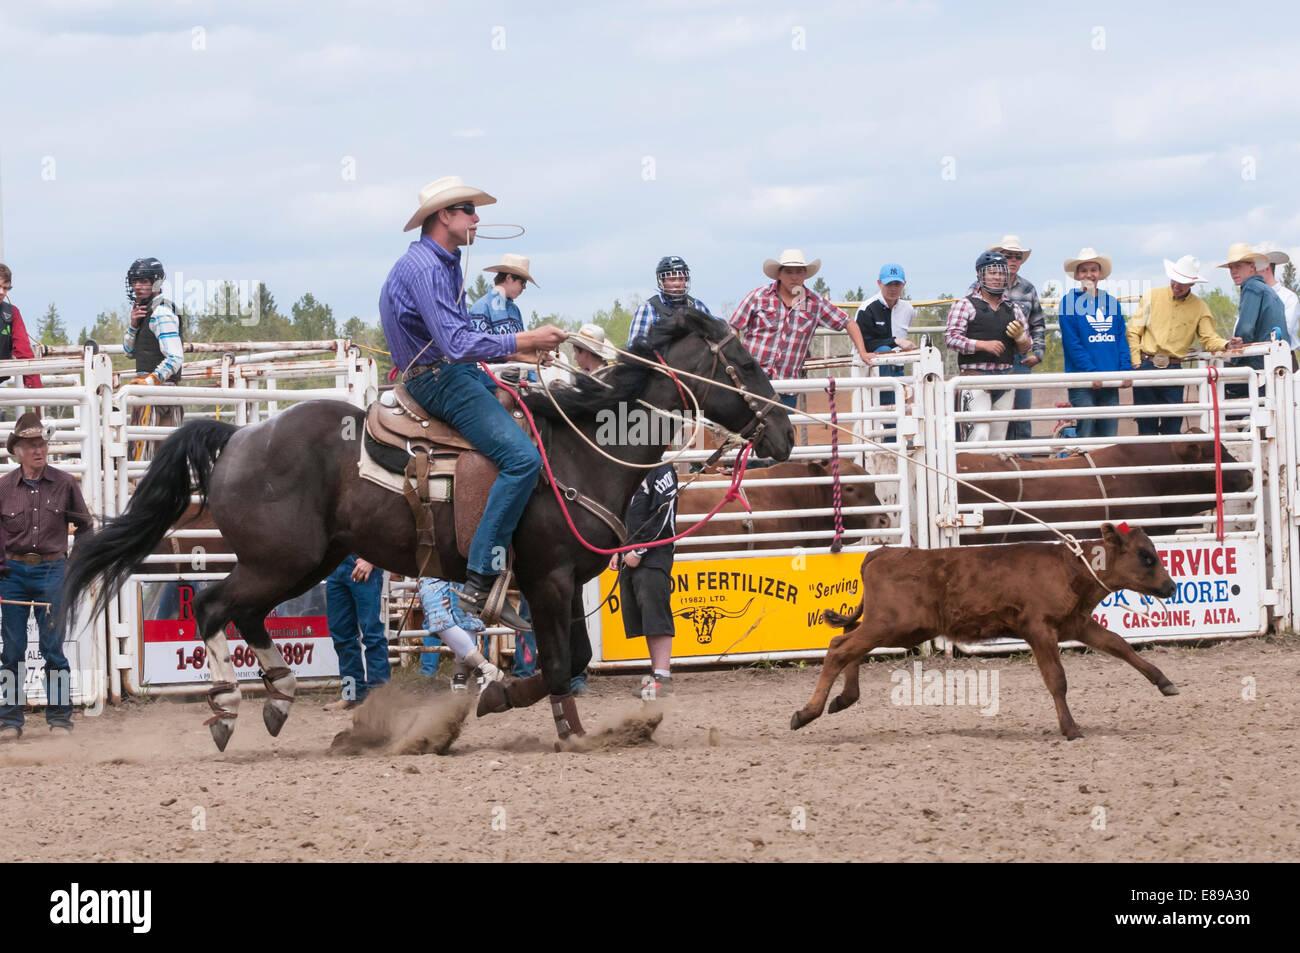 Cowboy Lasso Calf Stock Photos Amp Cowboy Lasso Calf Stock